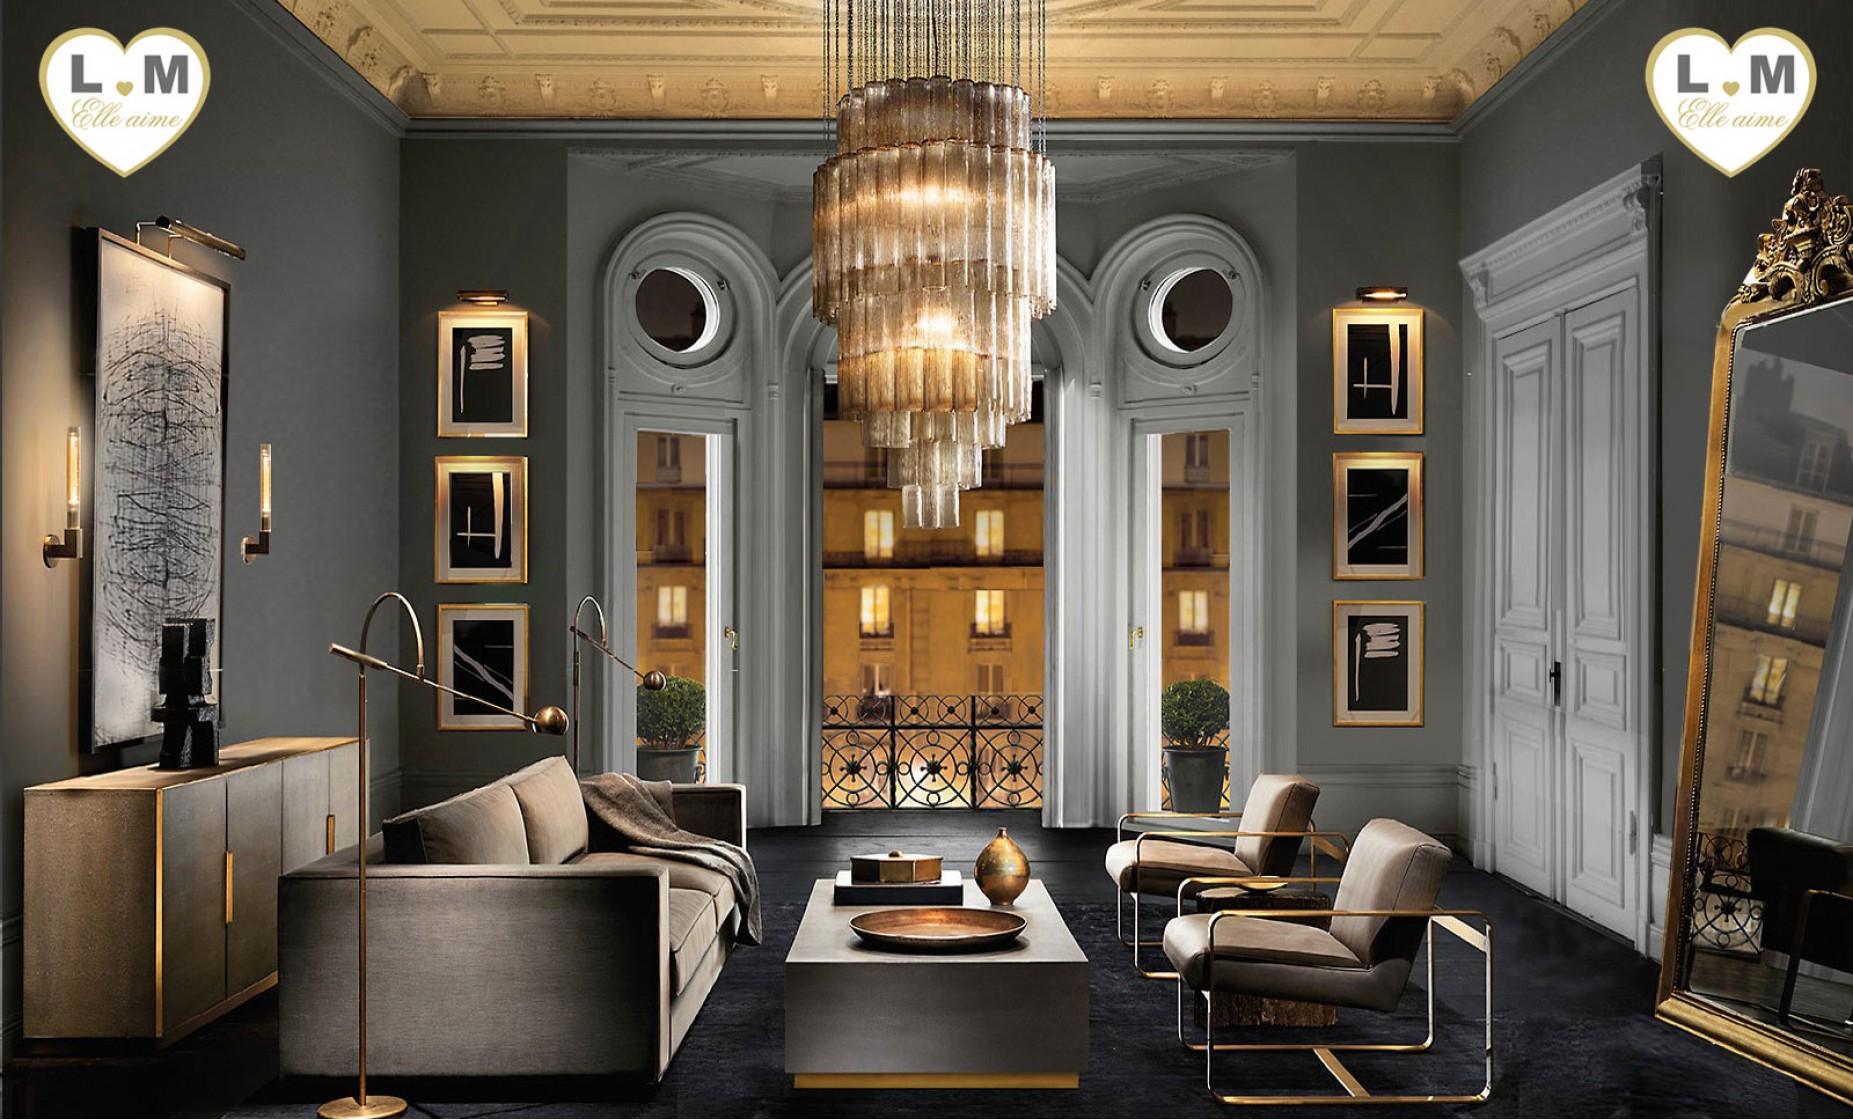 Deco Salon Bleu Roi votre site de meuble en ligne, lignemeuble